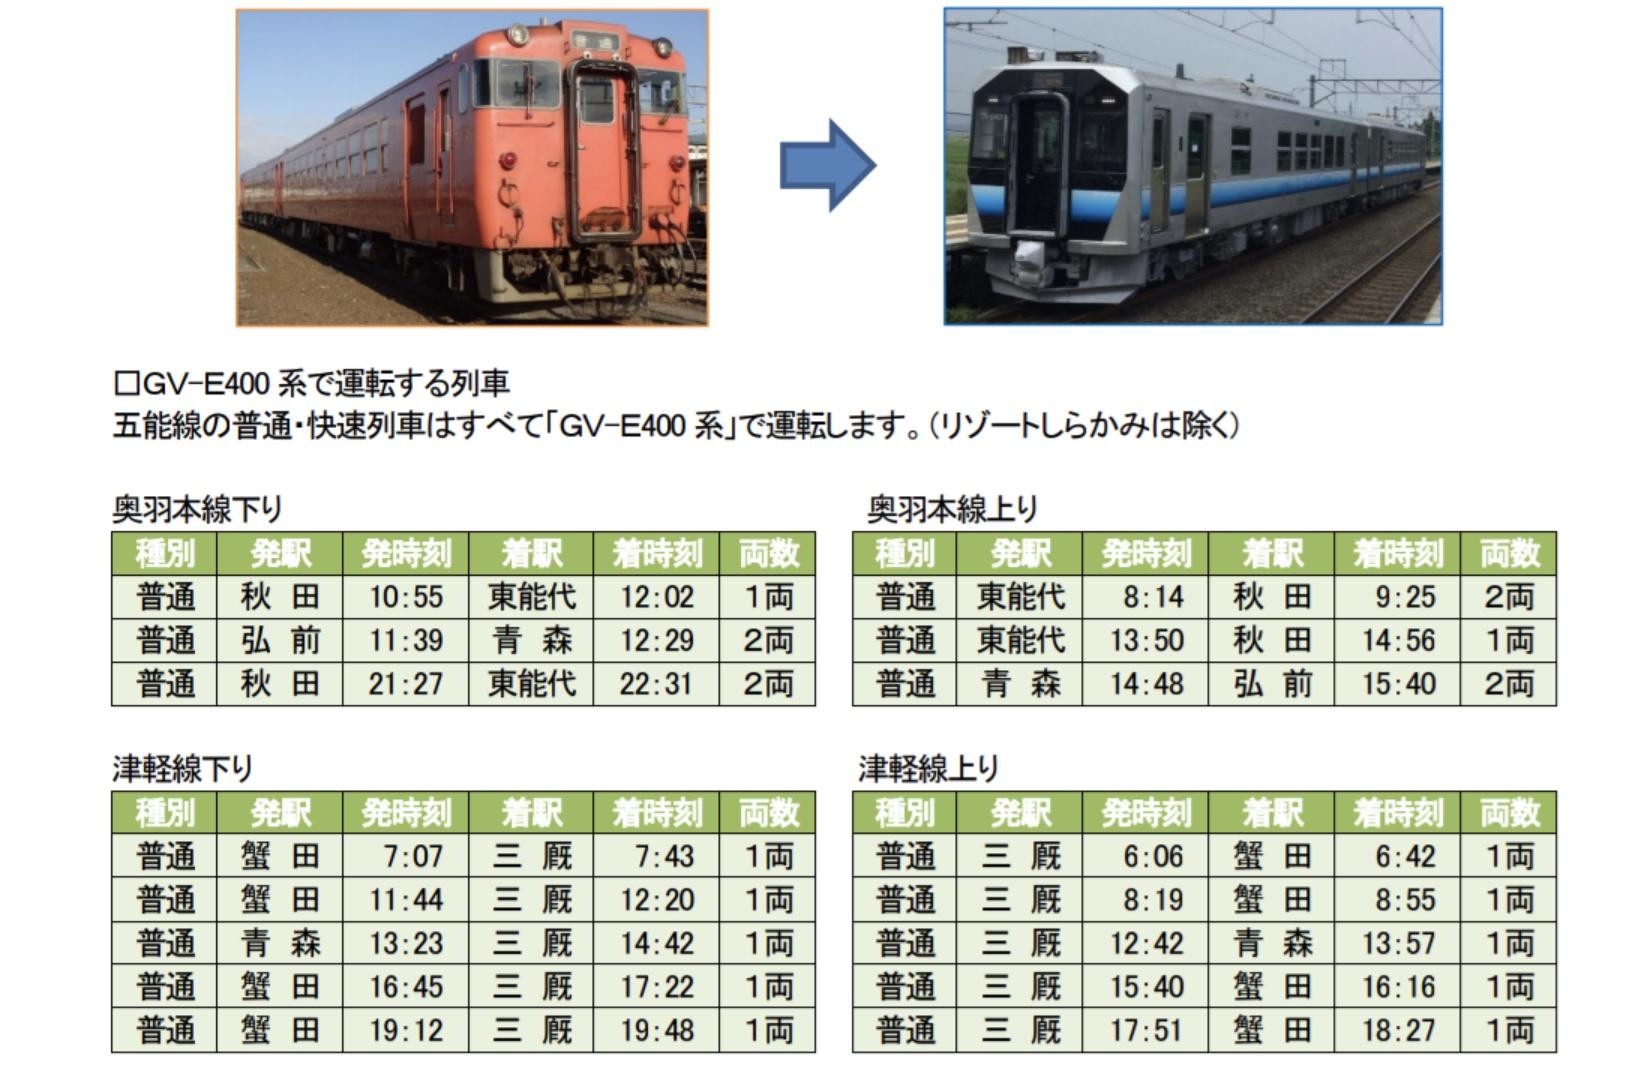 【キハ40・48形が絶滅】男鹿線・五能線の全列車が新型車両に置き換え 一部減便・運休も